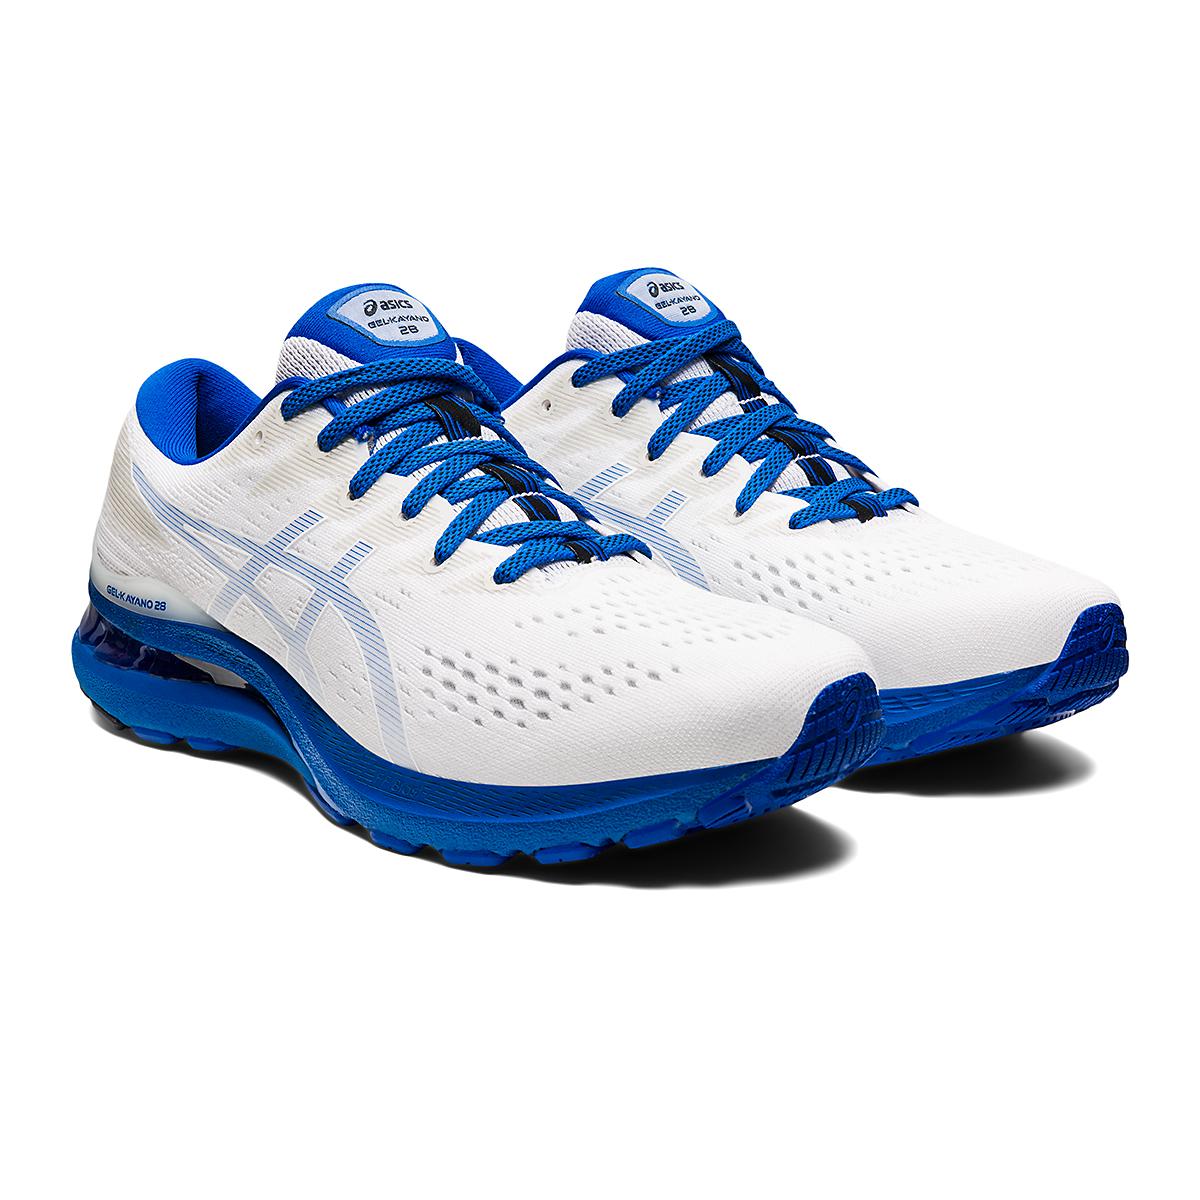 Men's Asics Gel-Kayano 28 Running Shoe, , large, image 3